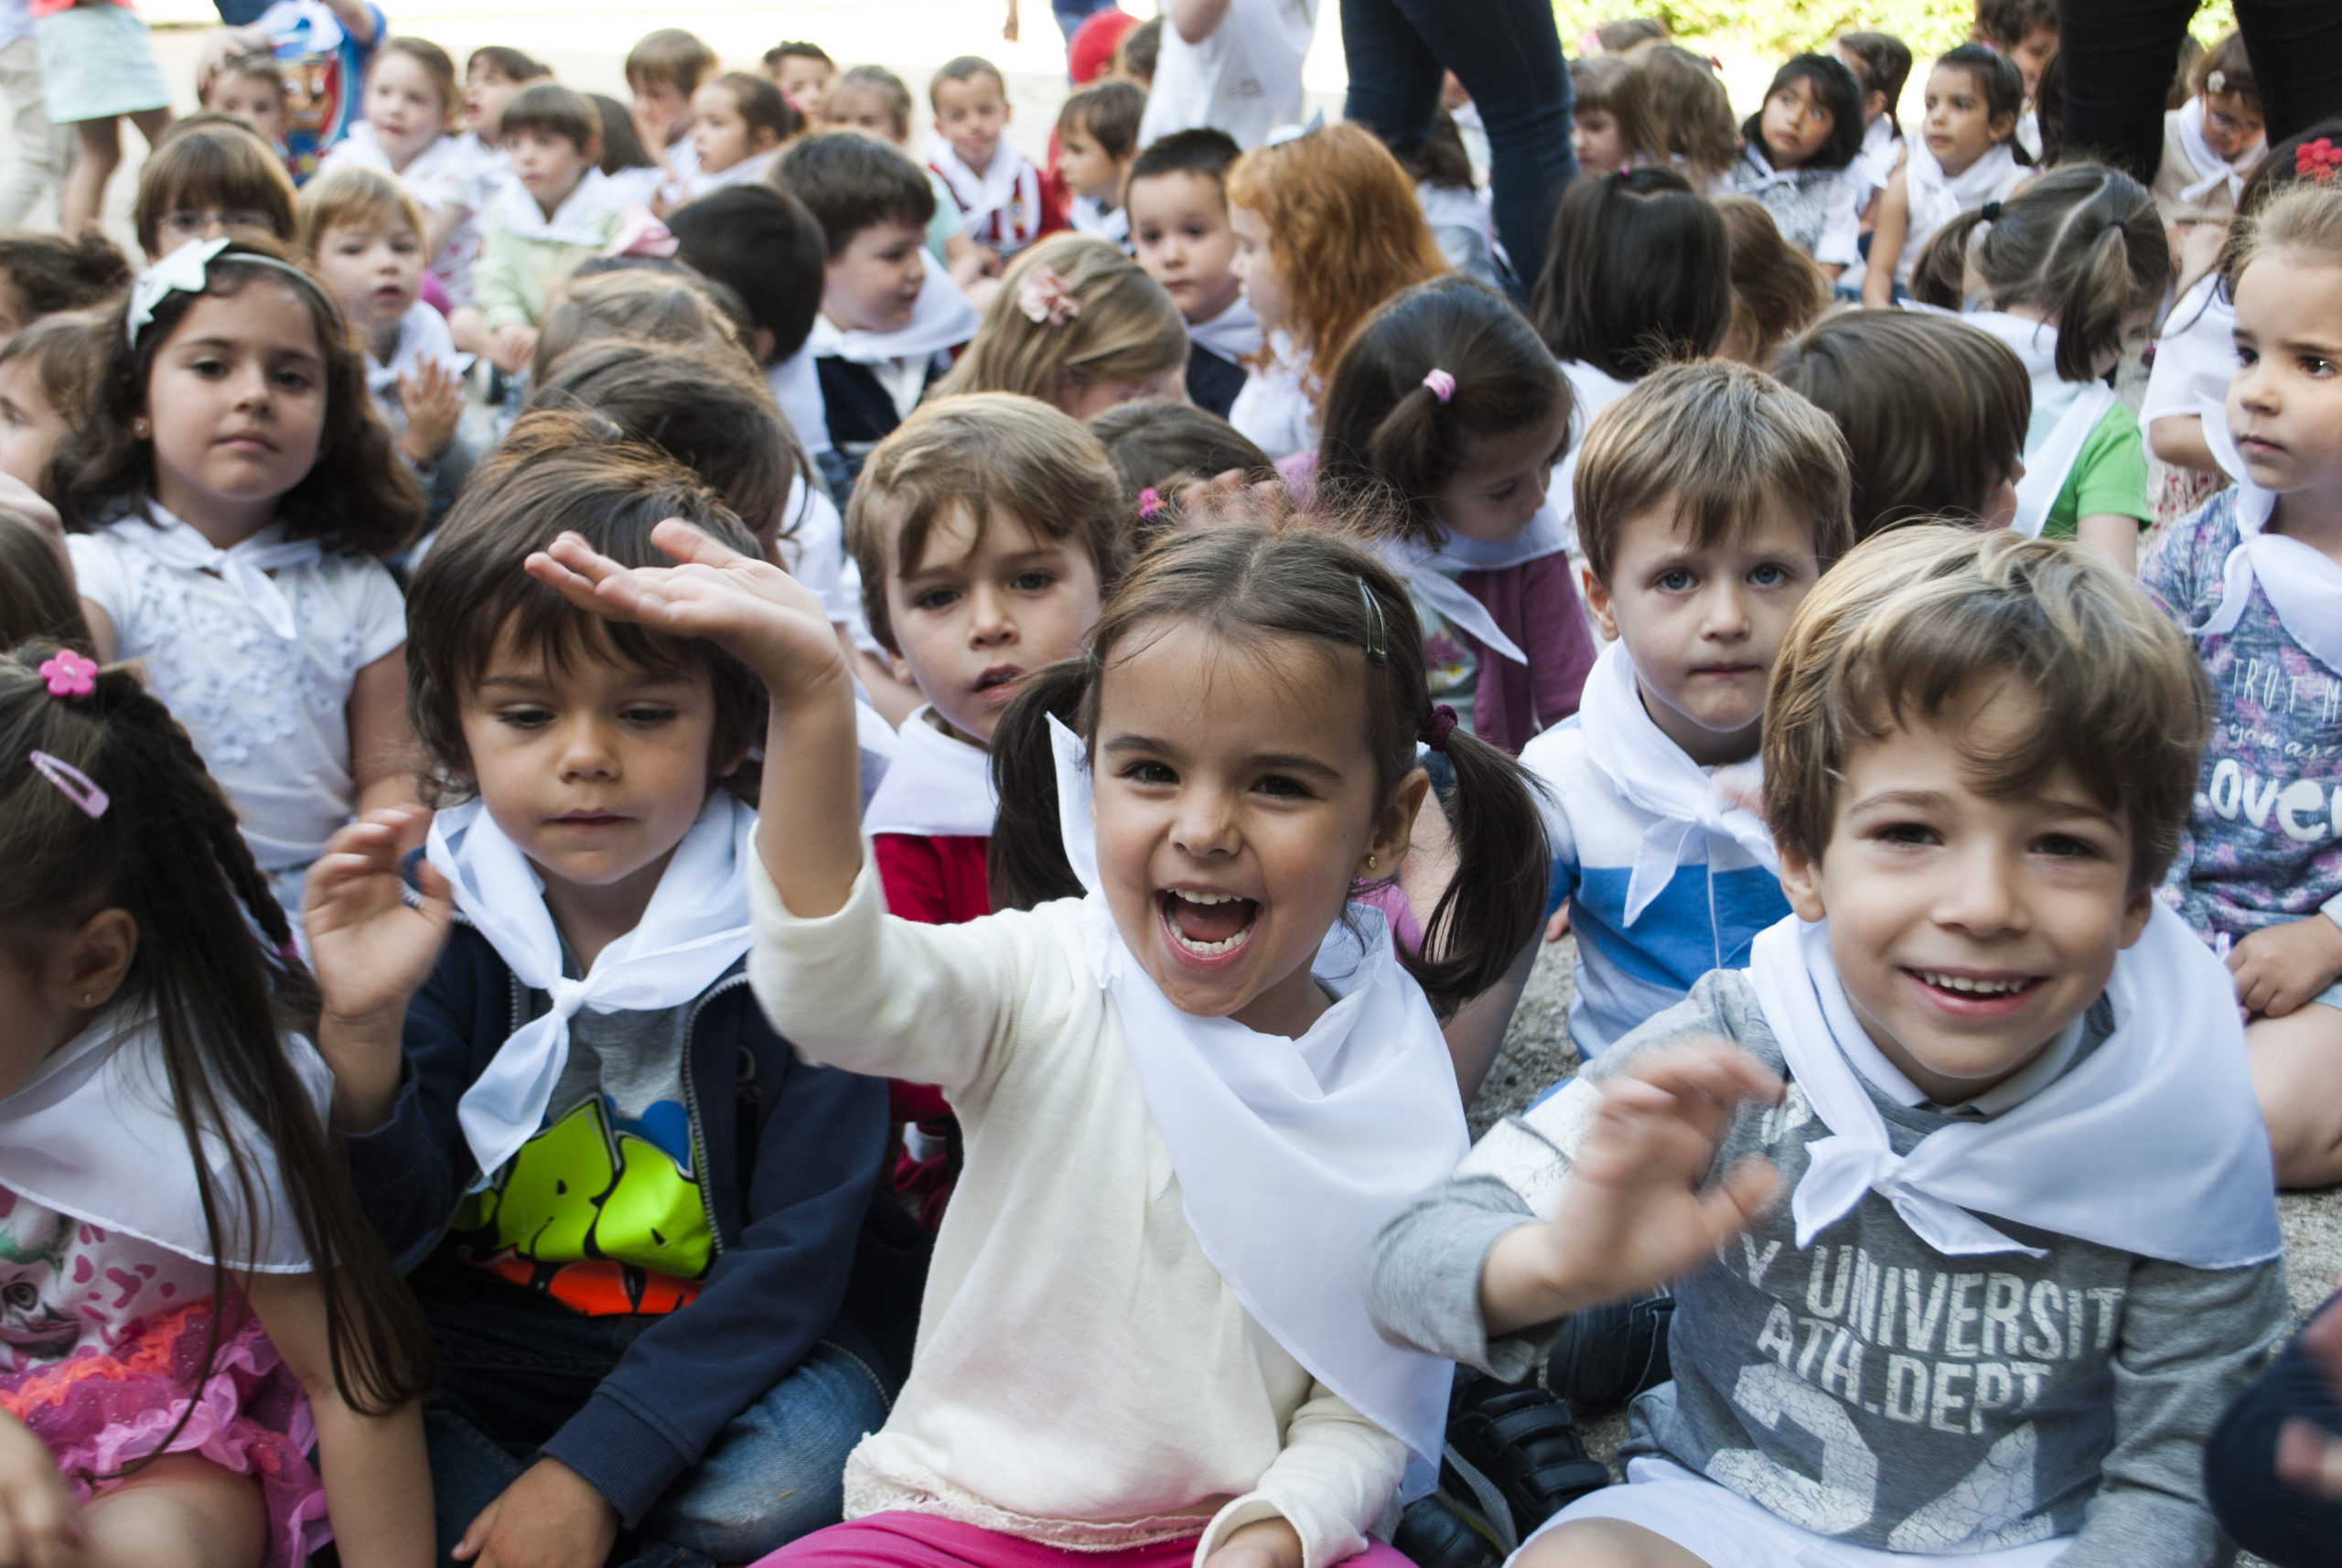 colegio maria virgen fiestas concertado chamartin hijas de jesus jesuitinas bilingue